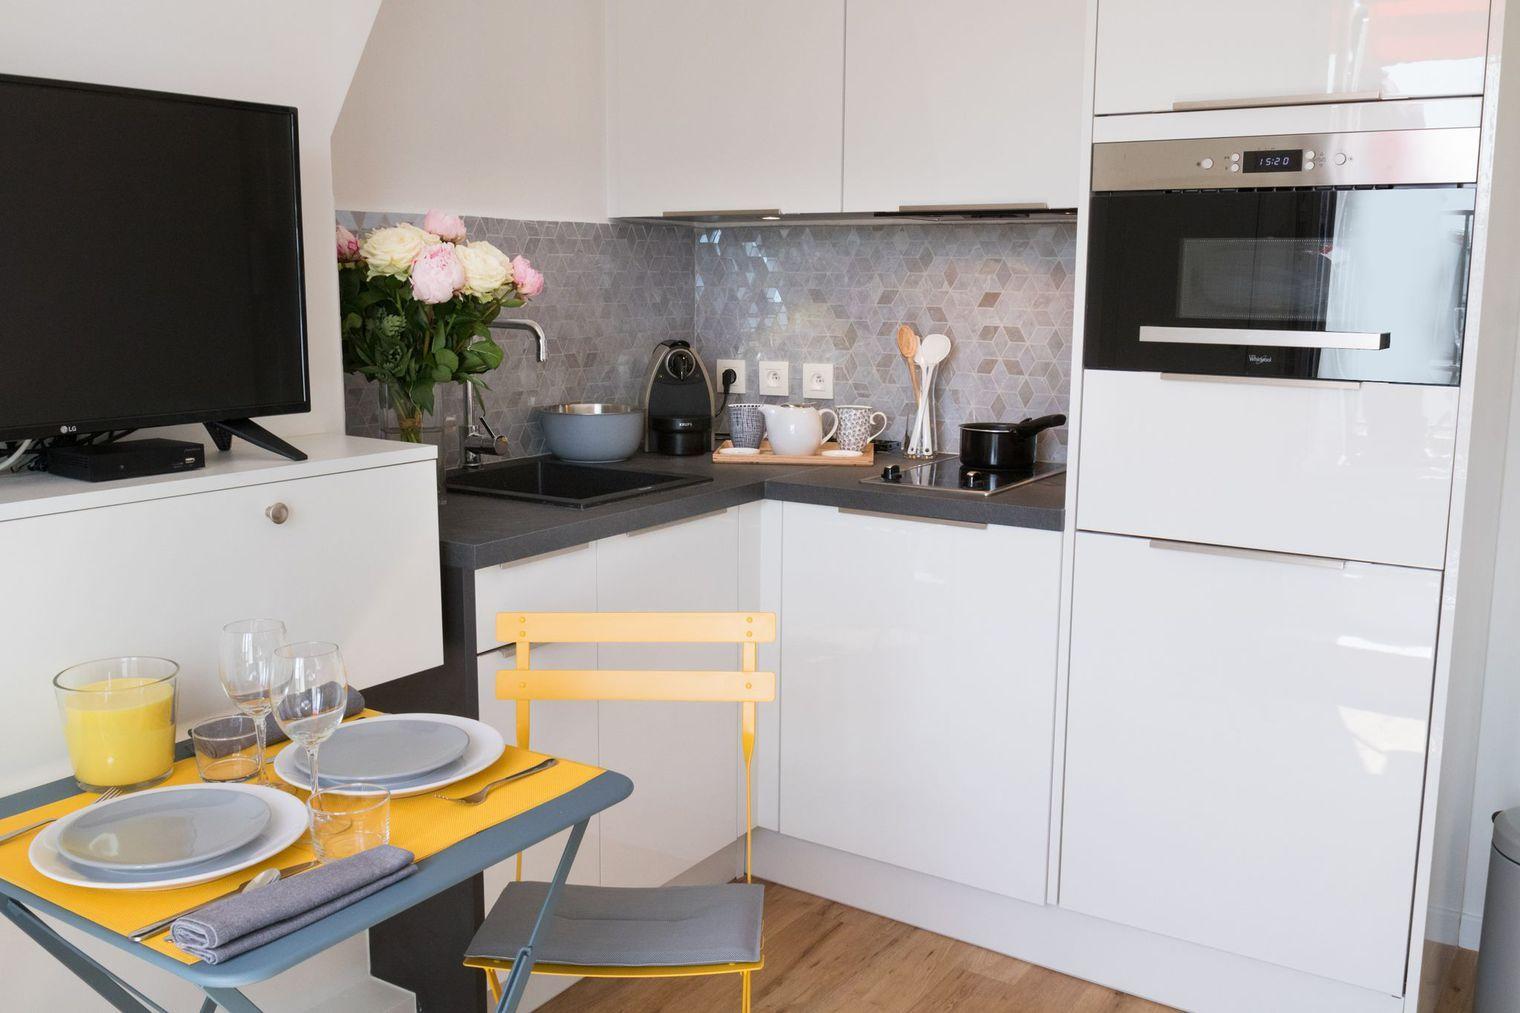 studio paris 3 22 m2 fa on suite d 39 h tel petites cuisines blanches cuisine blanche et. Black Bedroom Furniture Sets. Home Design Ideas